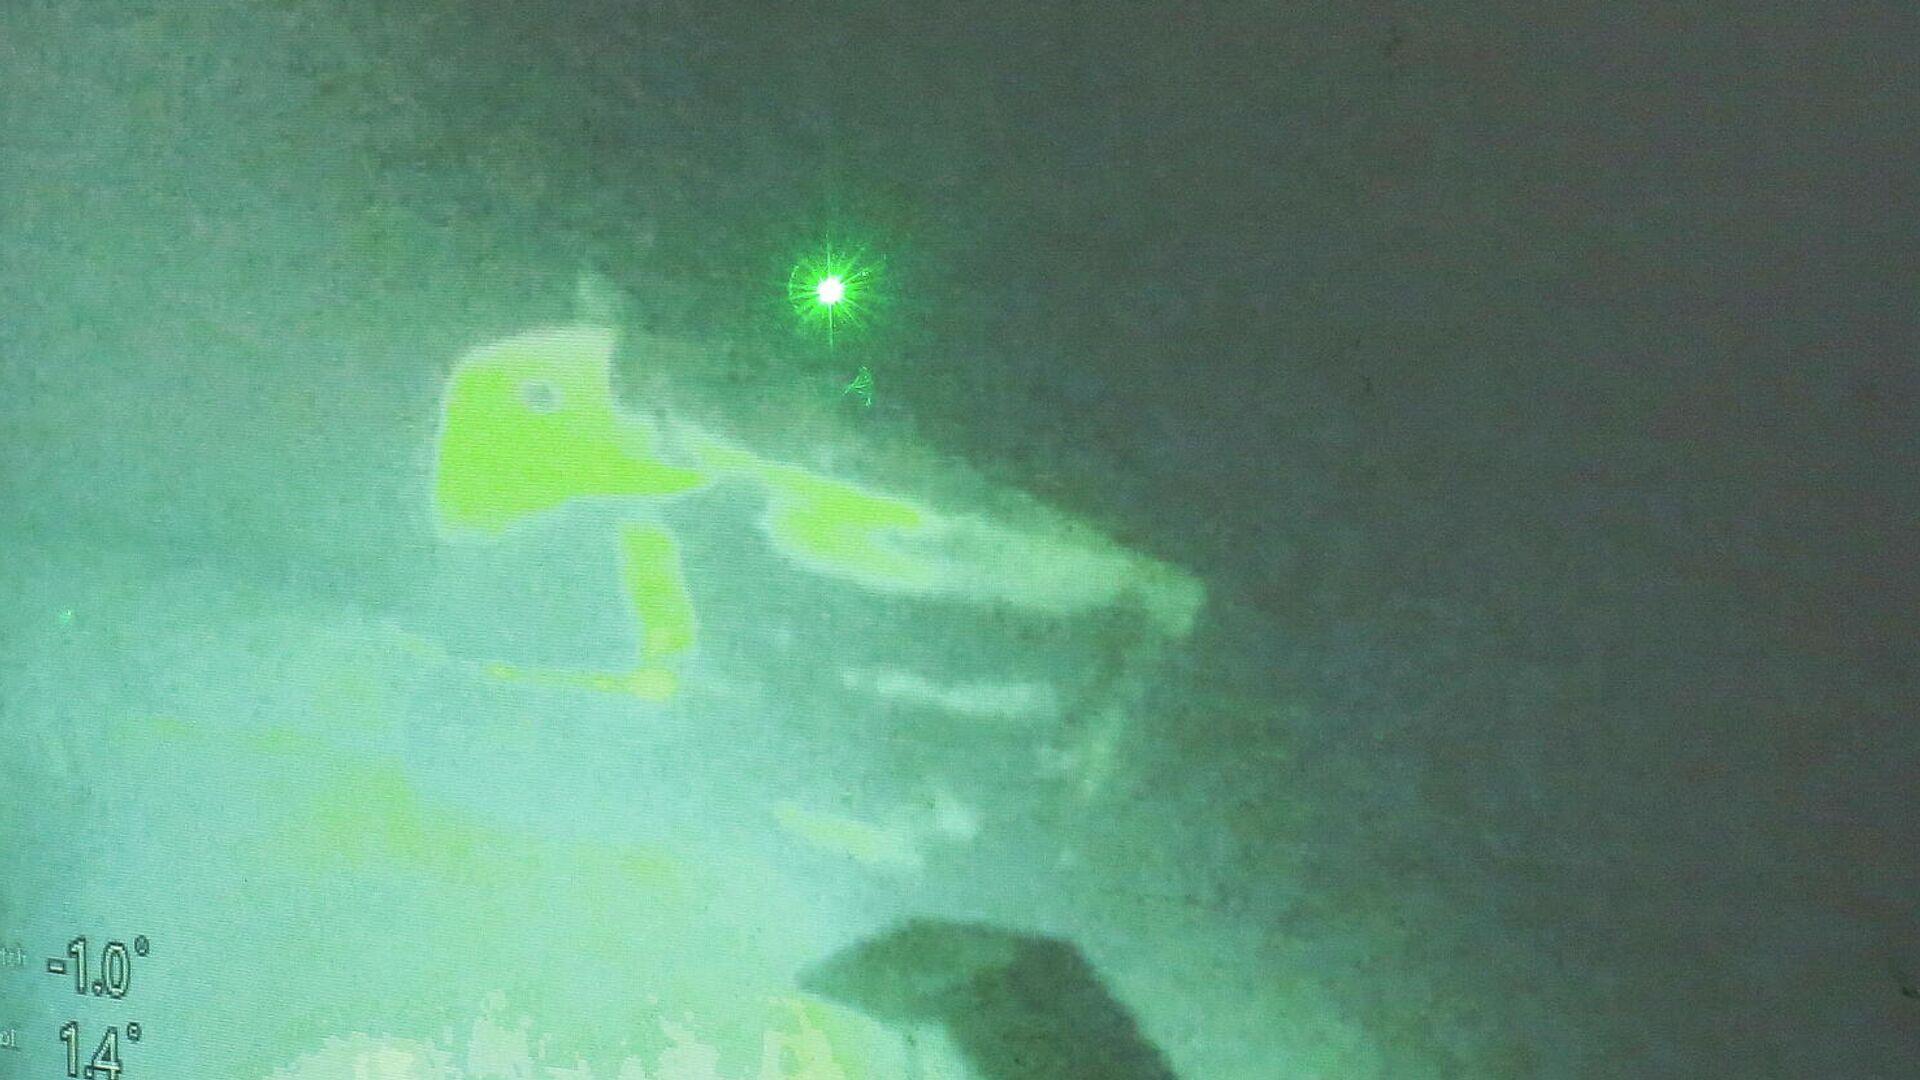 El submarino indonesio KRI Nanggala 402 en el fondo del mar - Sputnik Mundo, 1920, 27.04.2021